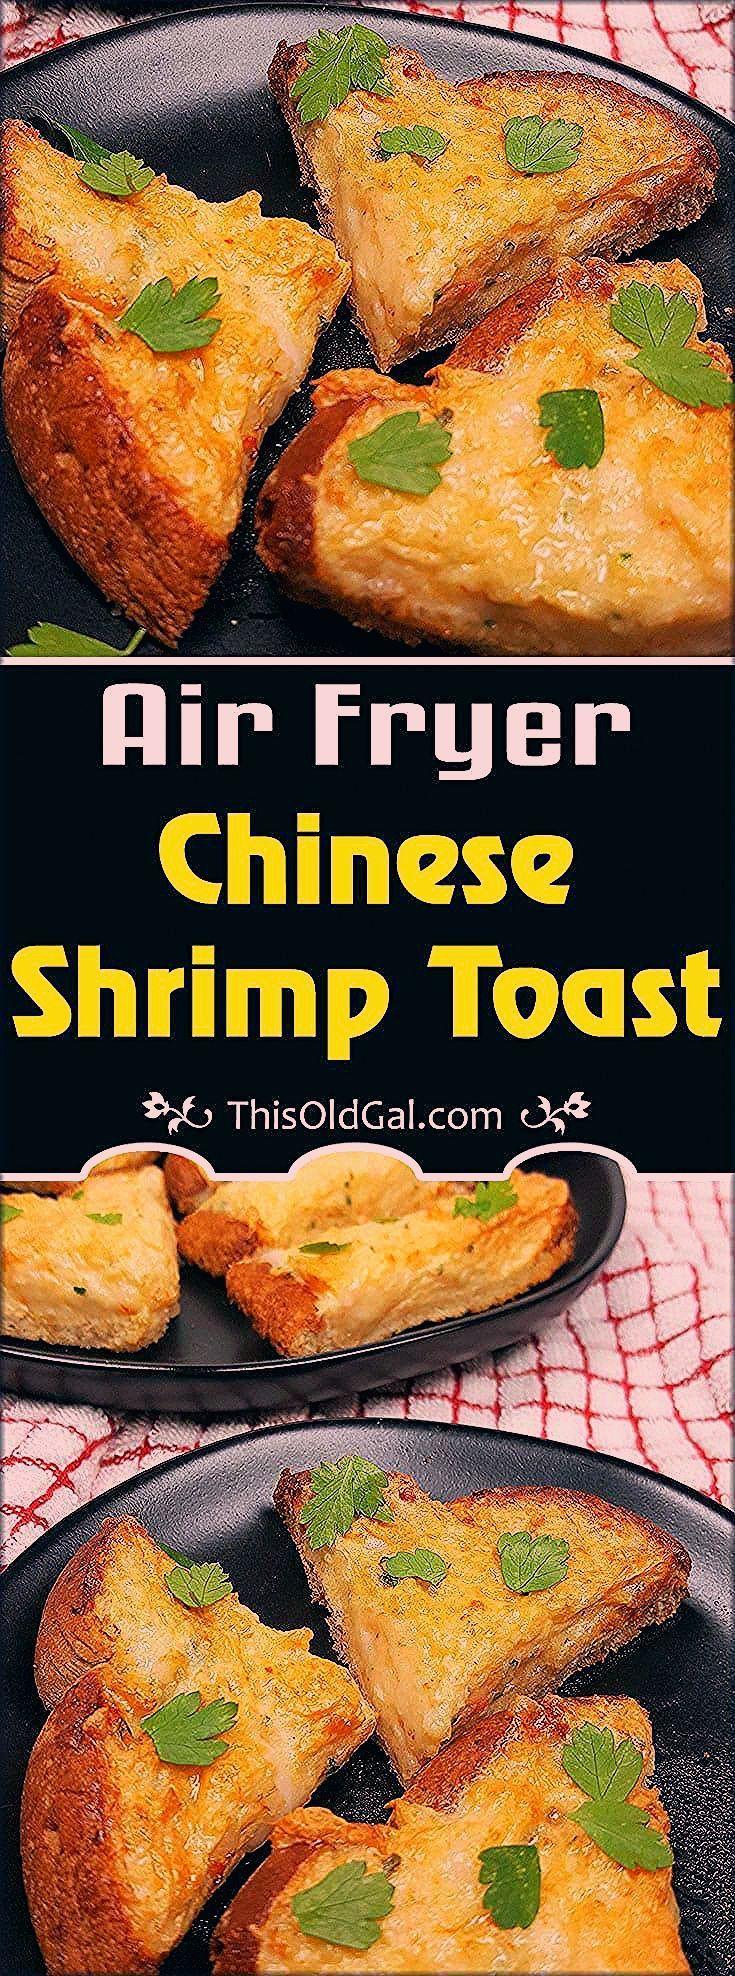 Erfahren Sie wie man chinesische Vorspeisen zubereitet Erfahren Sie wie man chinesische Vorspeisen zubereitet